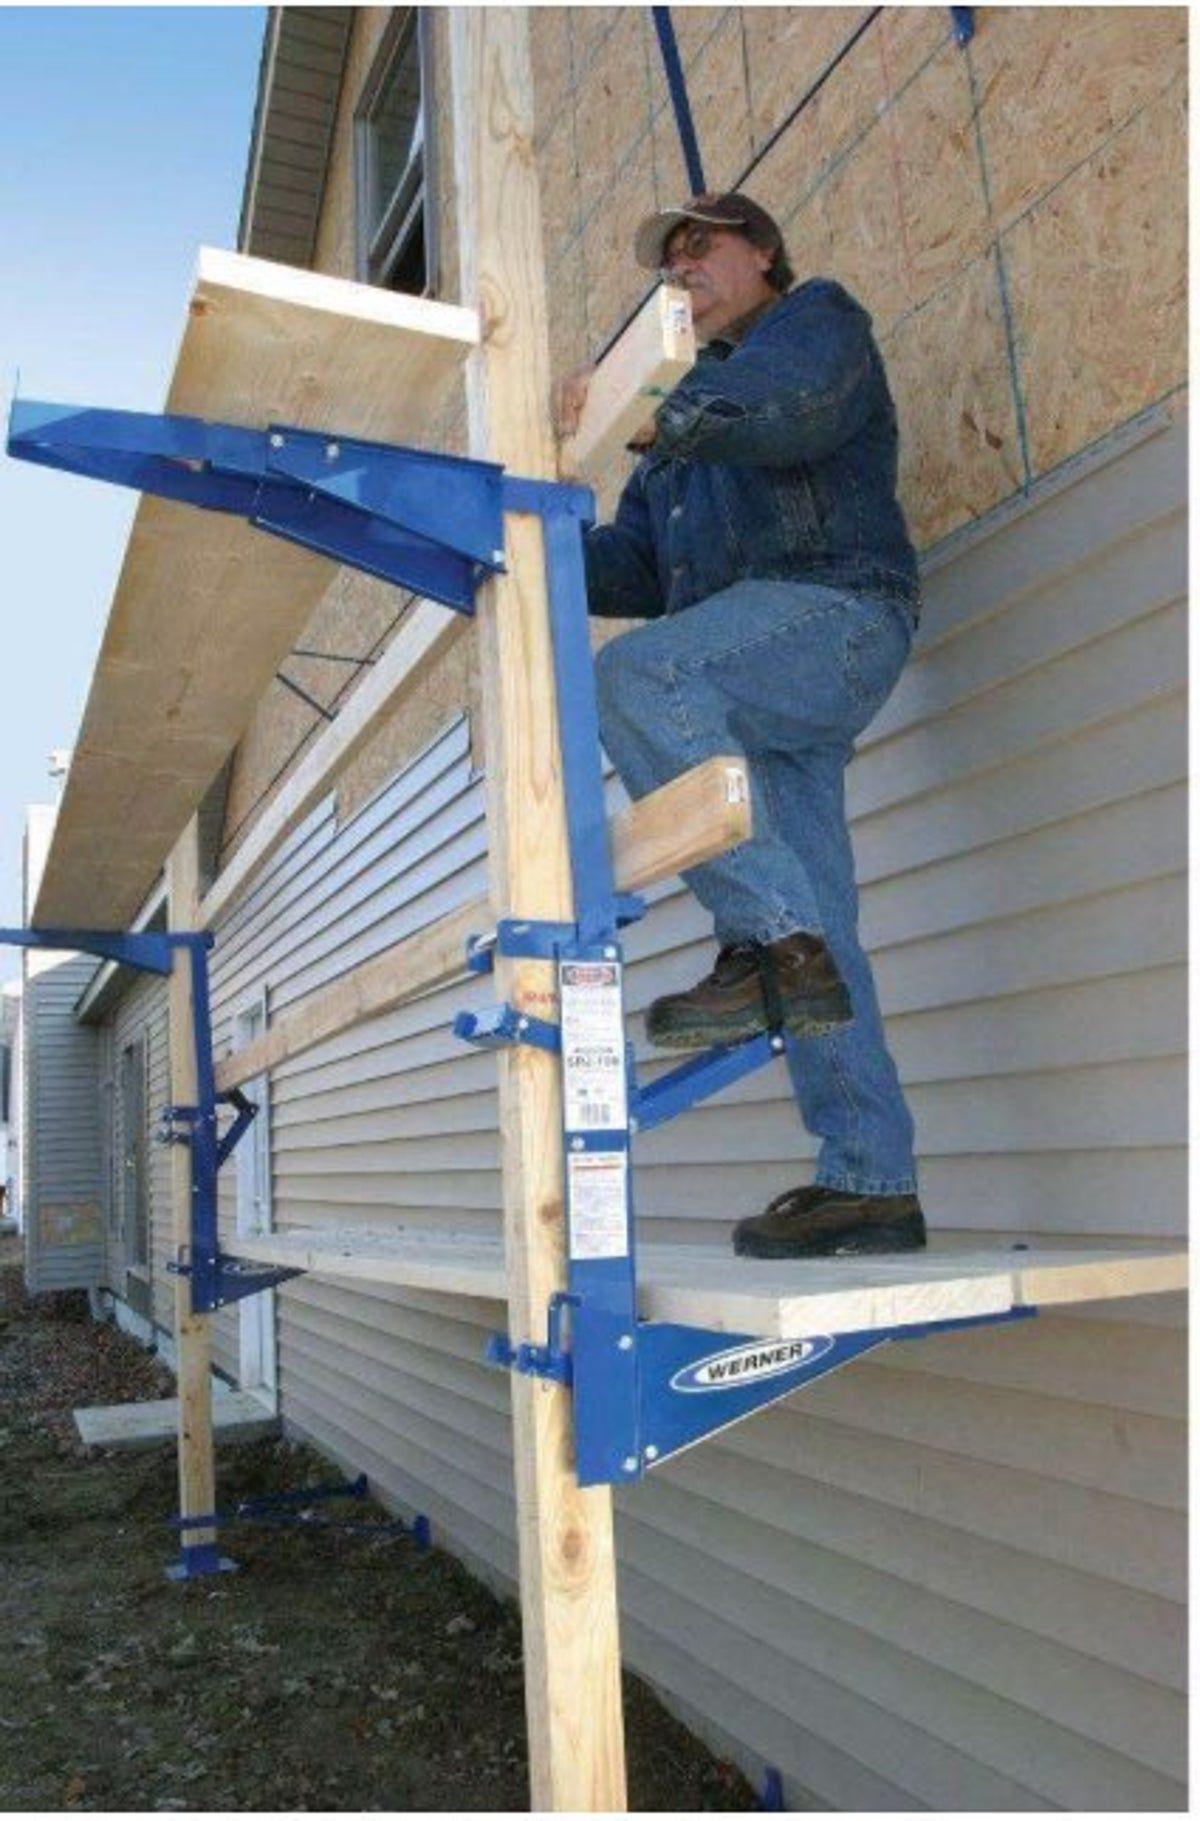 Werner Blue Steel Pump Jack in 2020 Roofing tools